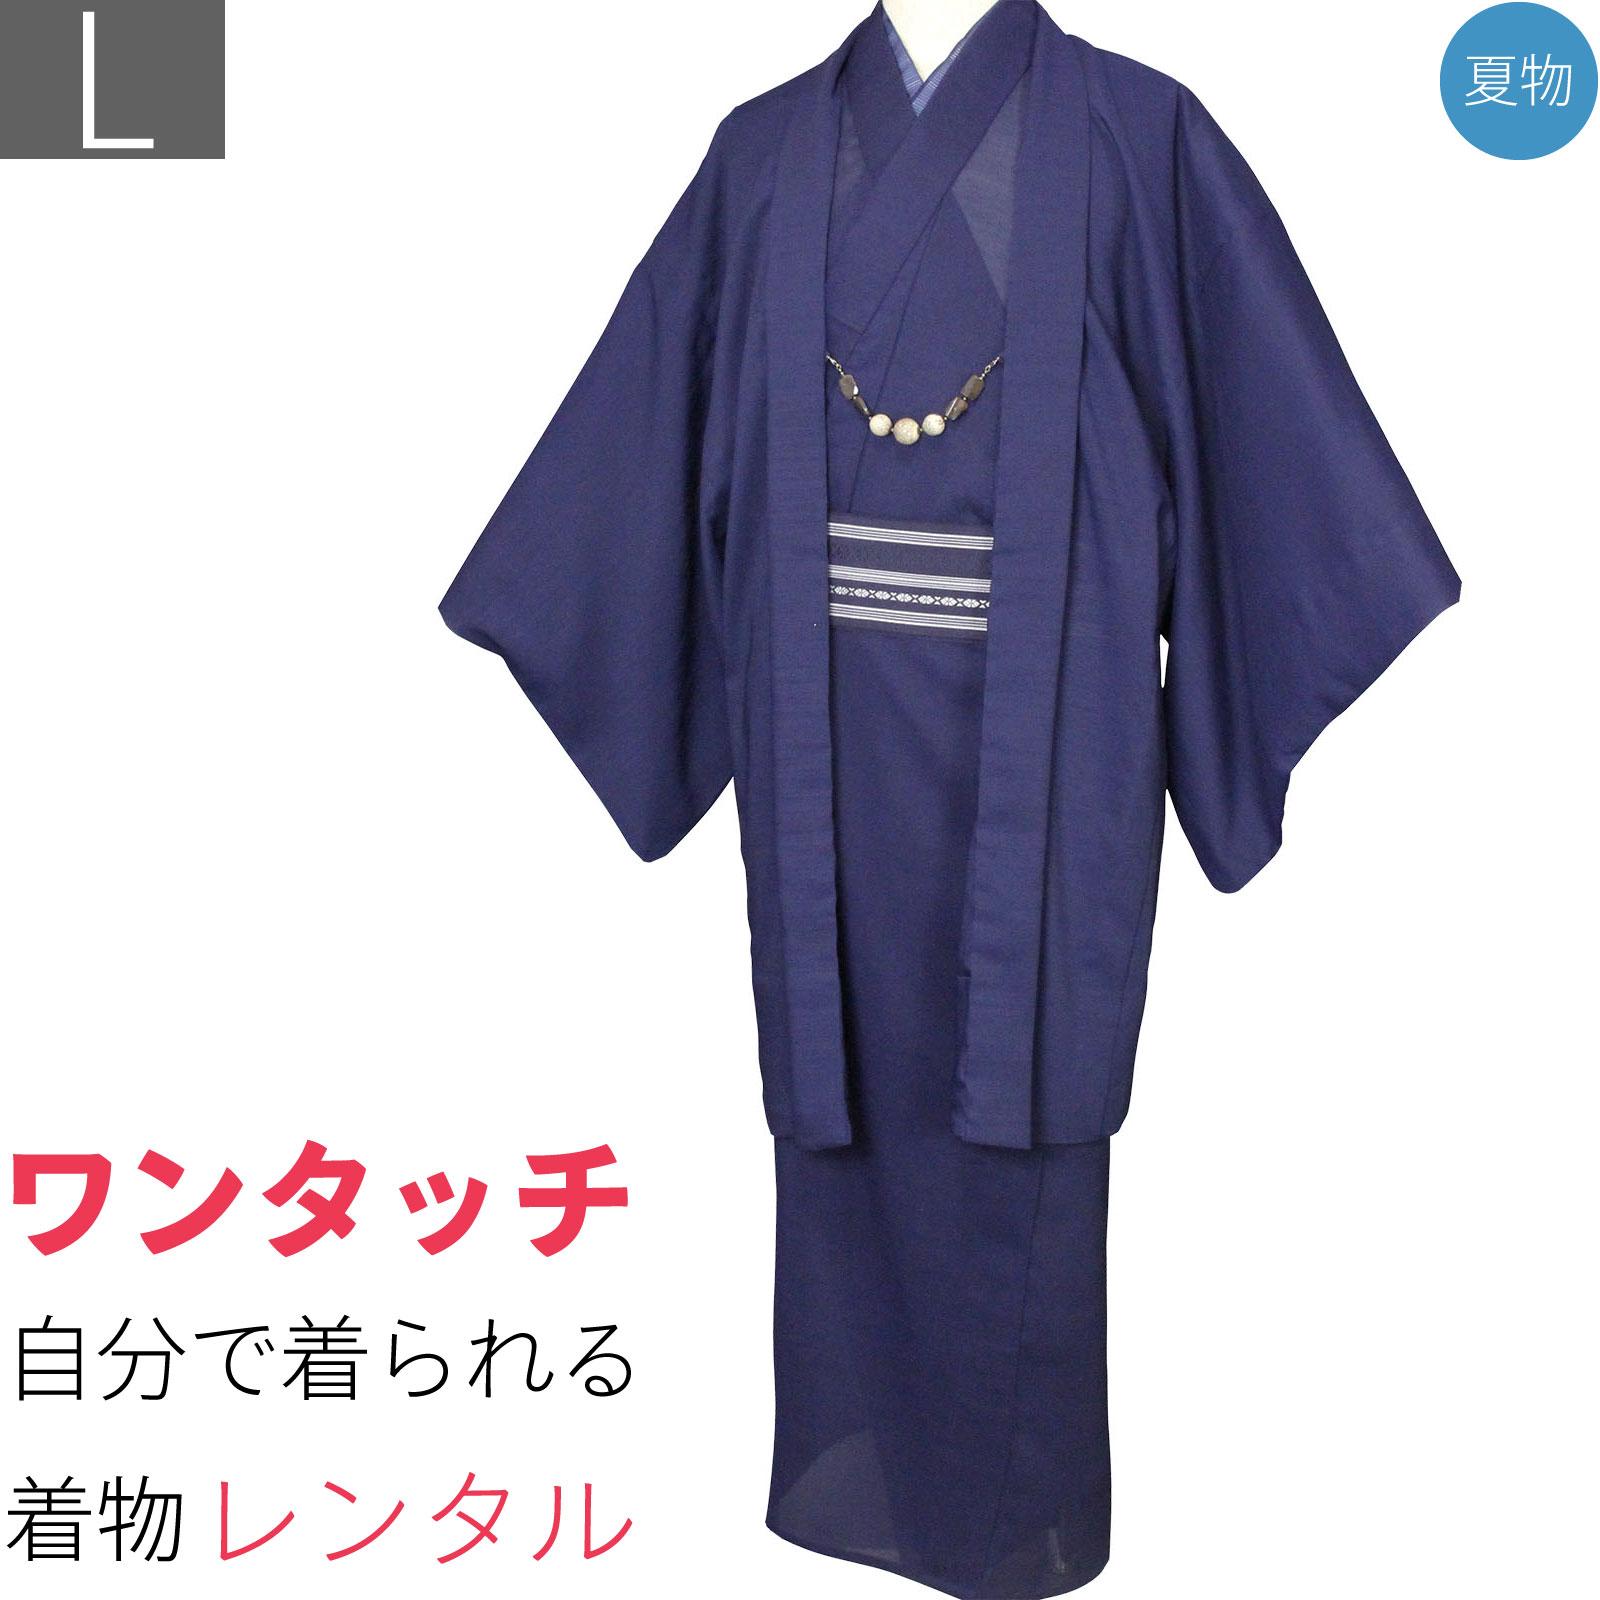 【レンタル】夏 着物 レンタル 男 メンズ 夏物 紗「Lサイズ」濃紺アンサンブル 紗羽織付きセット(なつもの) (8423)